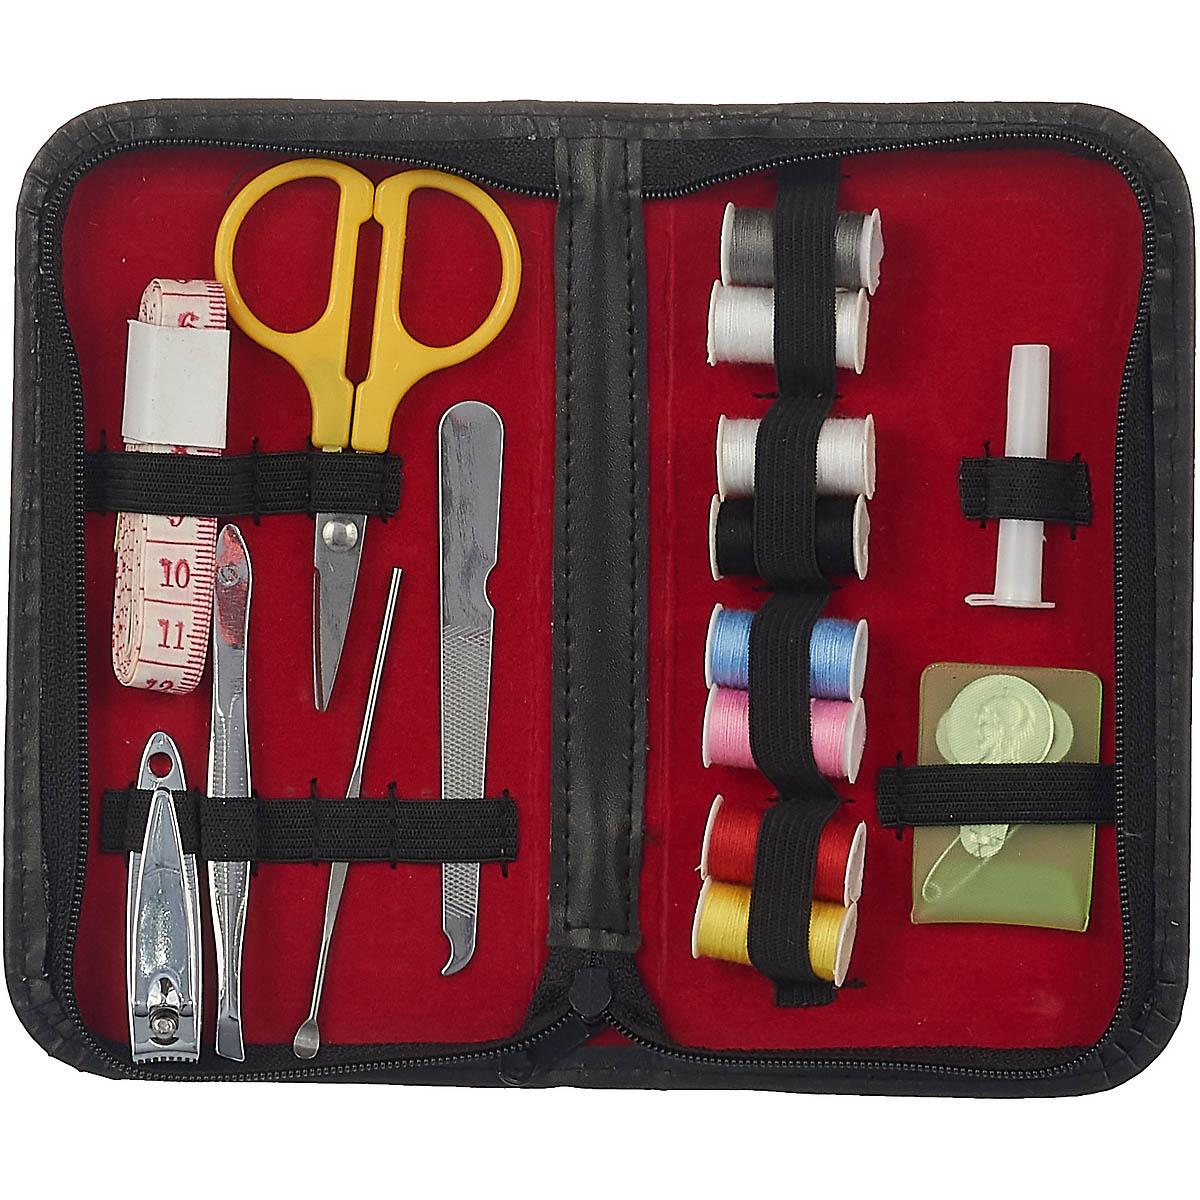 0340-6210 Мини-набор швейный, 18 шт